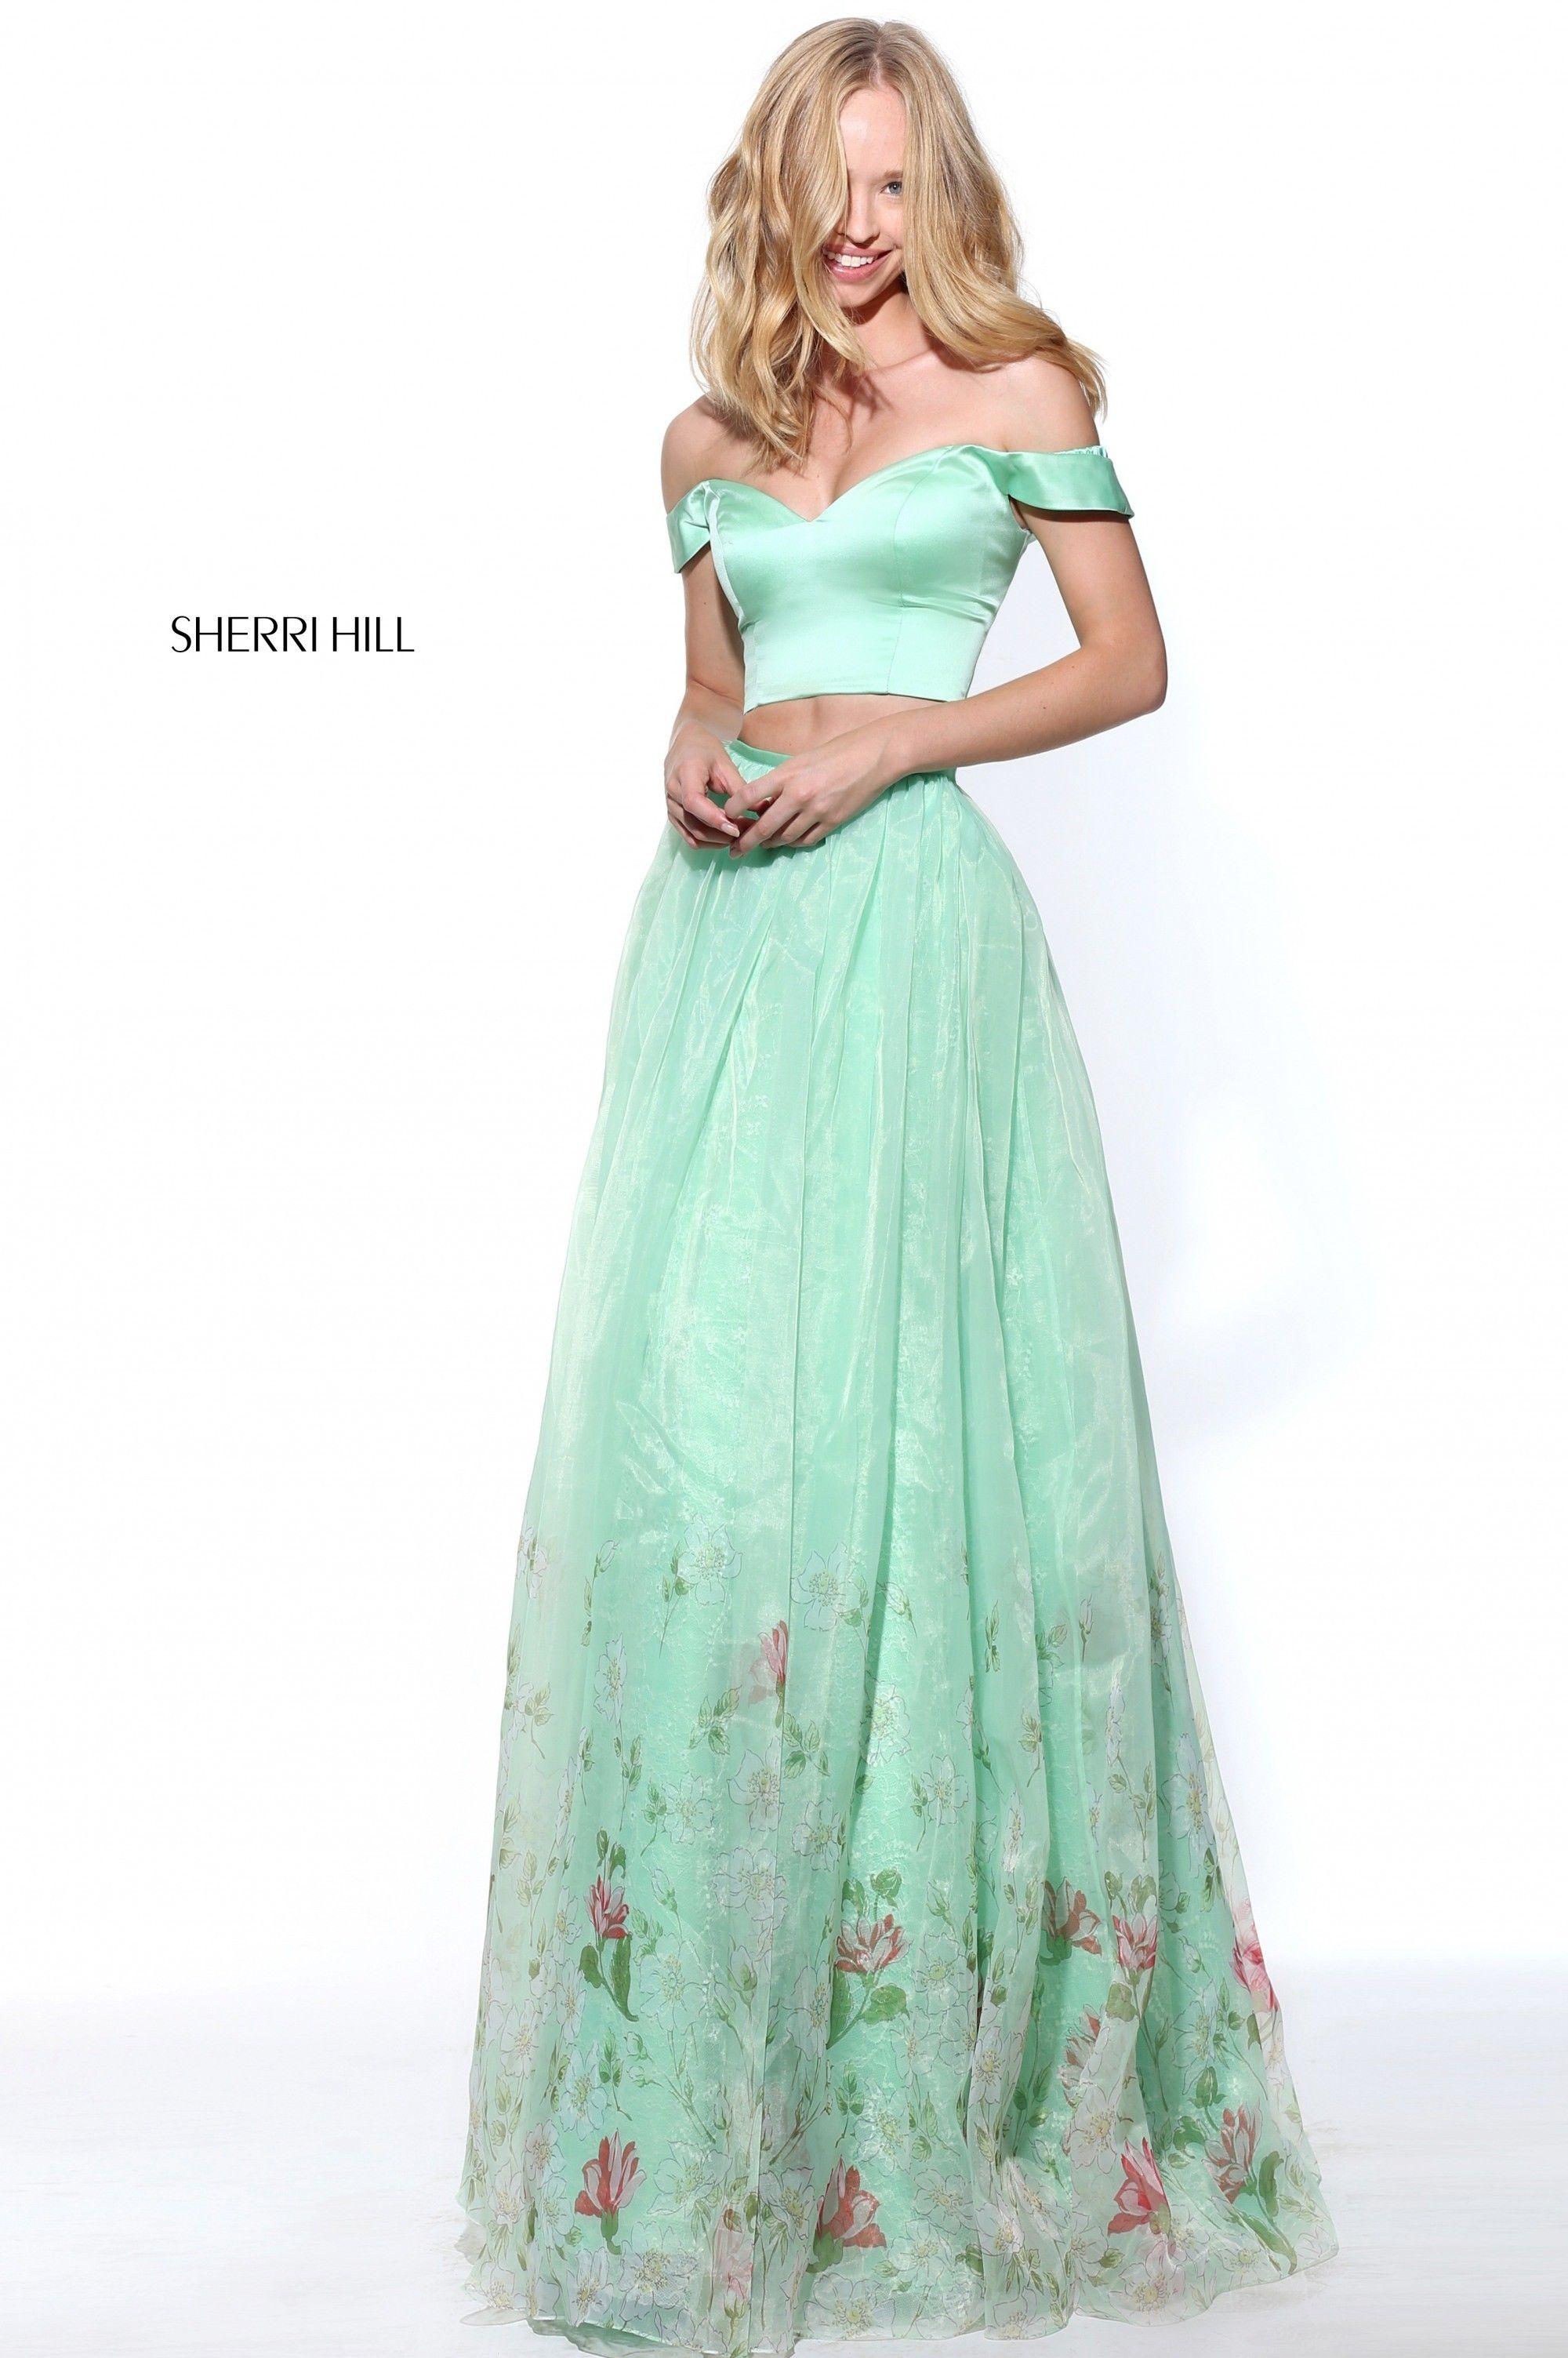 Sherri Hill 51053 Prom Dress | MadameBridal.com #sherri hill #prom dress #